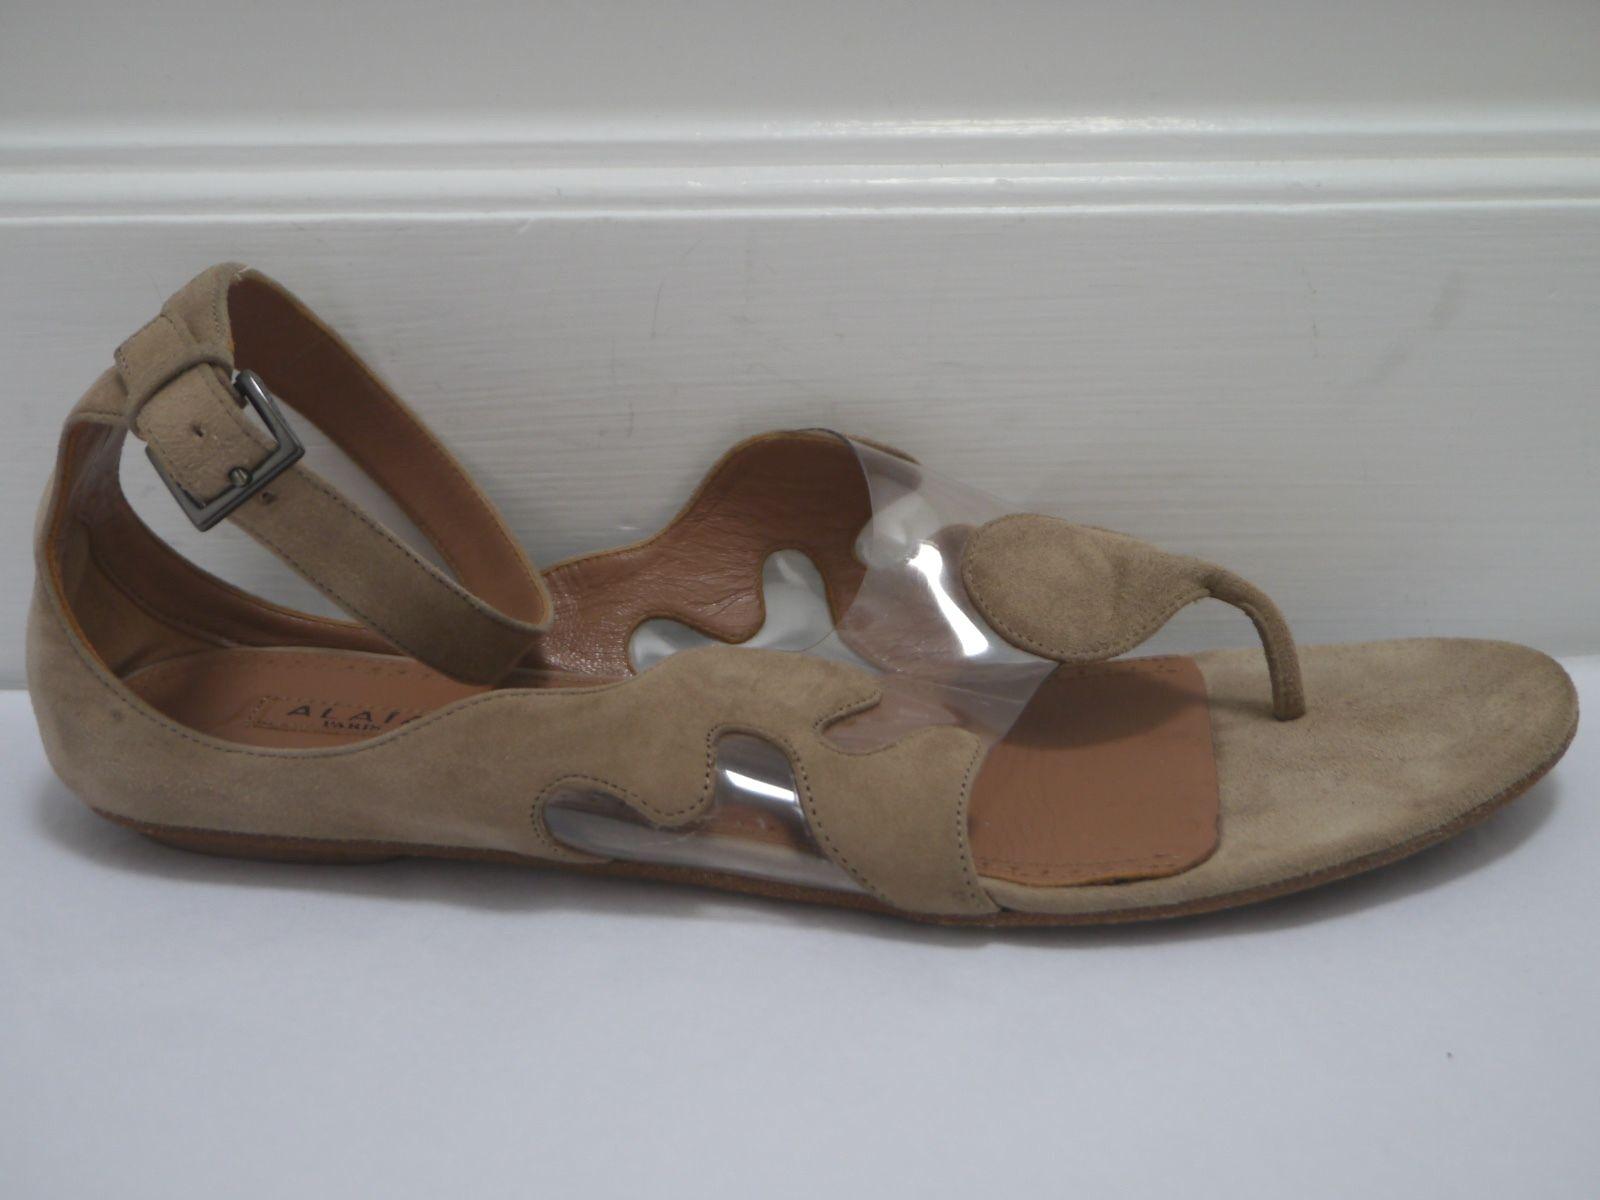 ALAIA  1070 beige suede pvc pvc pvc illusion ankle strap flat sandals sz 39.5 WORN ONCE 596eac